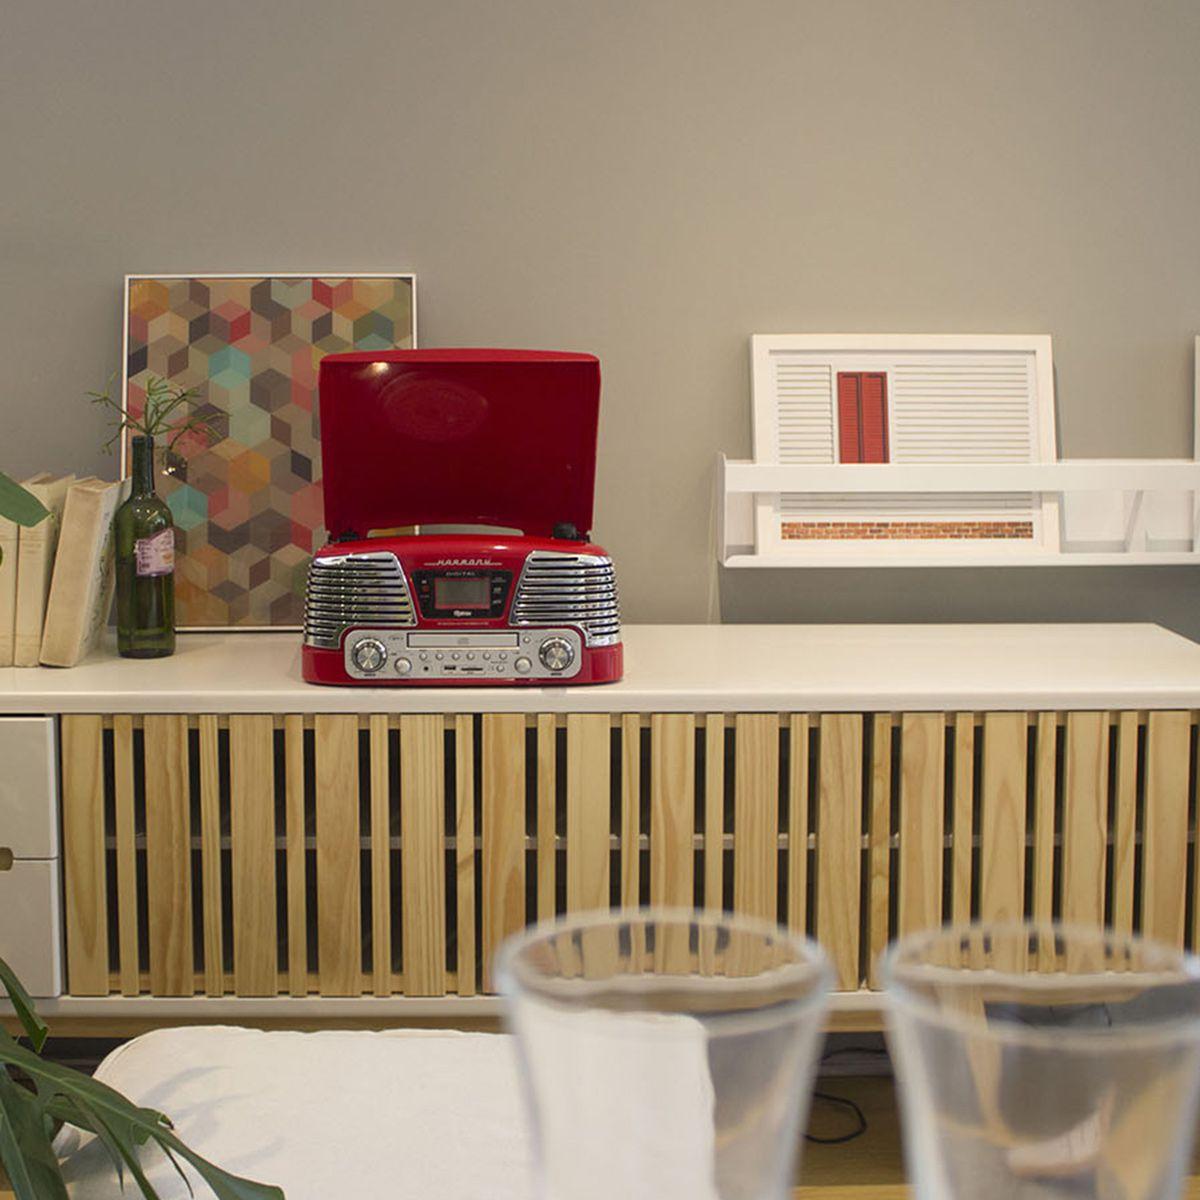 Vitrola Raveo Harmony Vermelho C/ Toca Discos, CD, BT, USB E SD - reproduz e grava